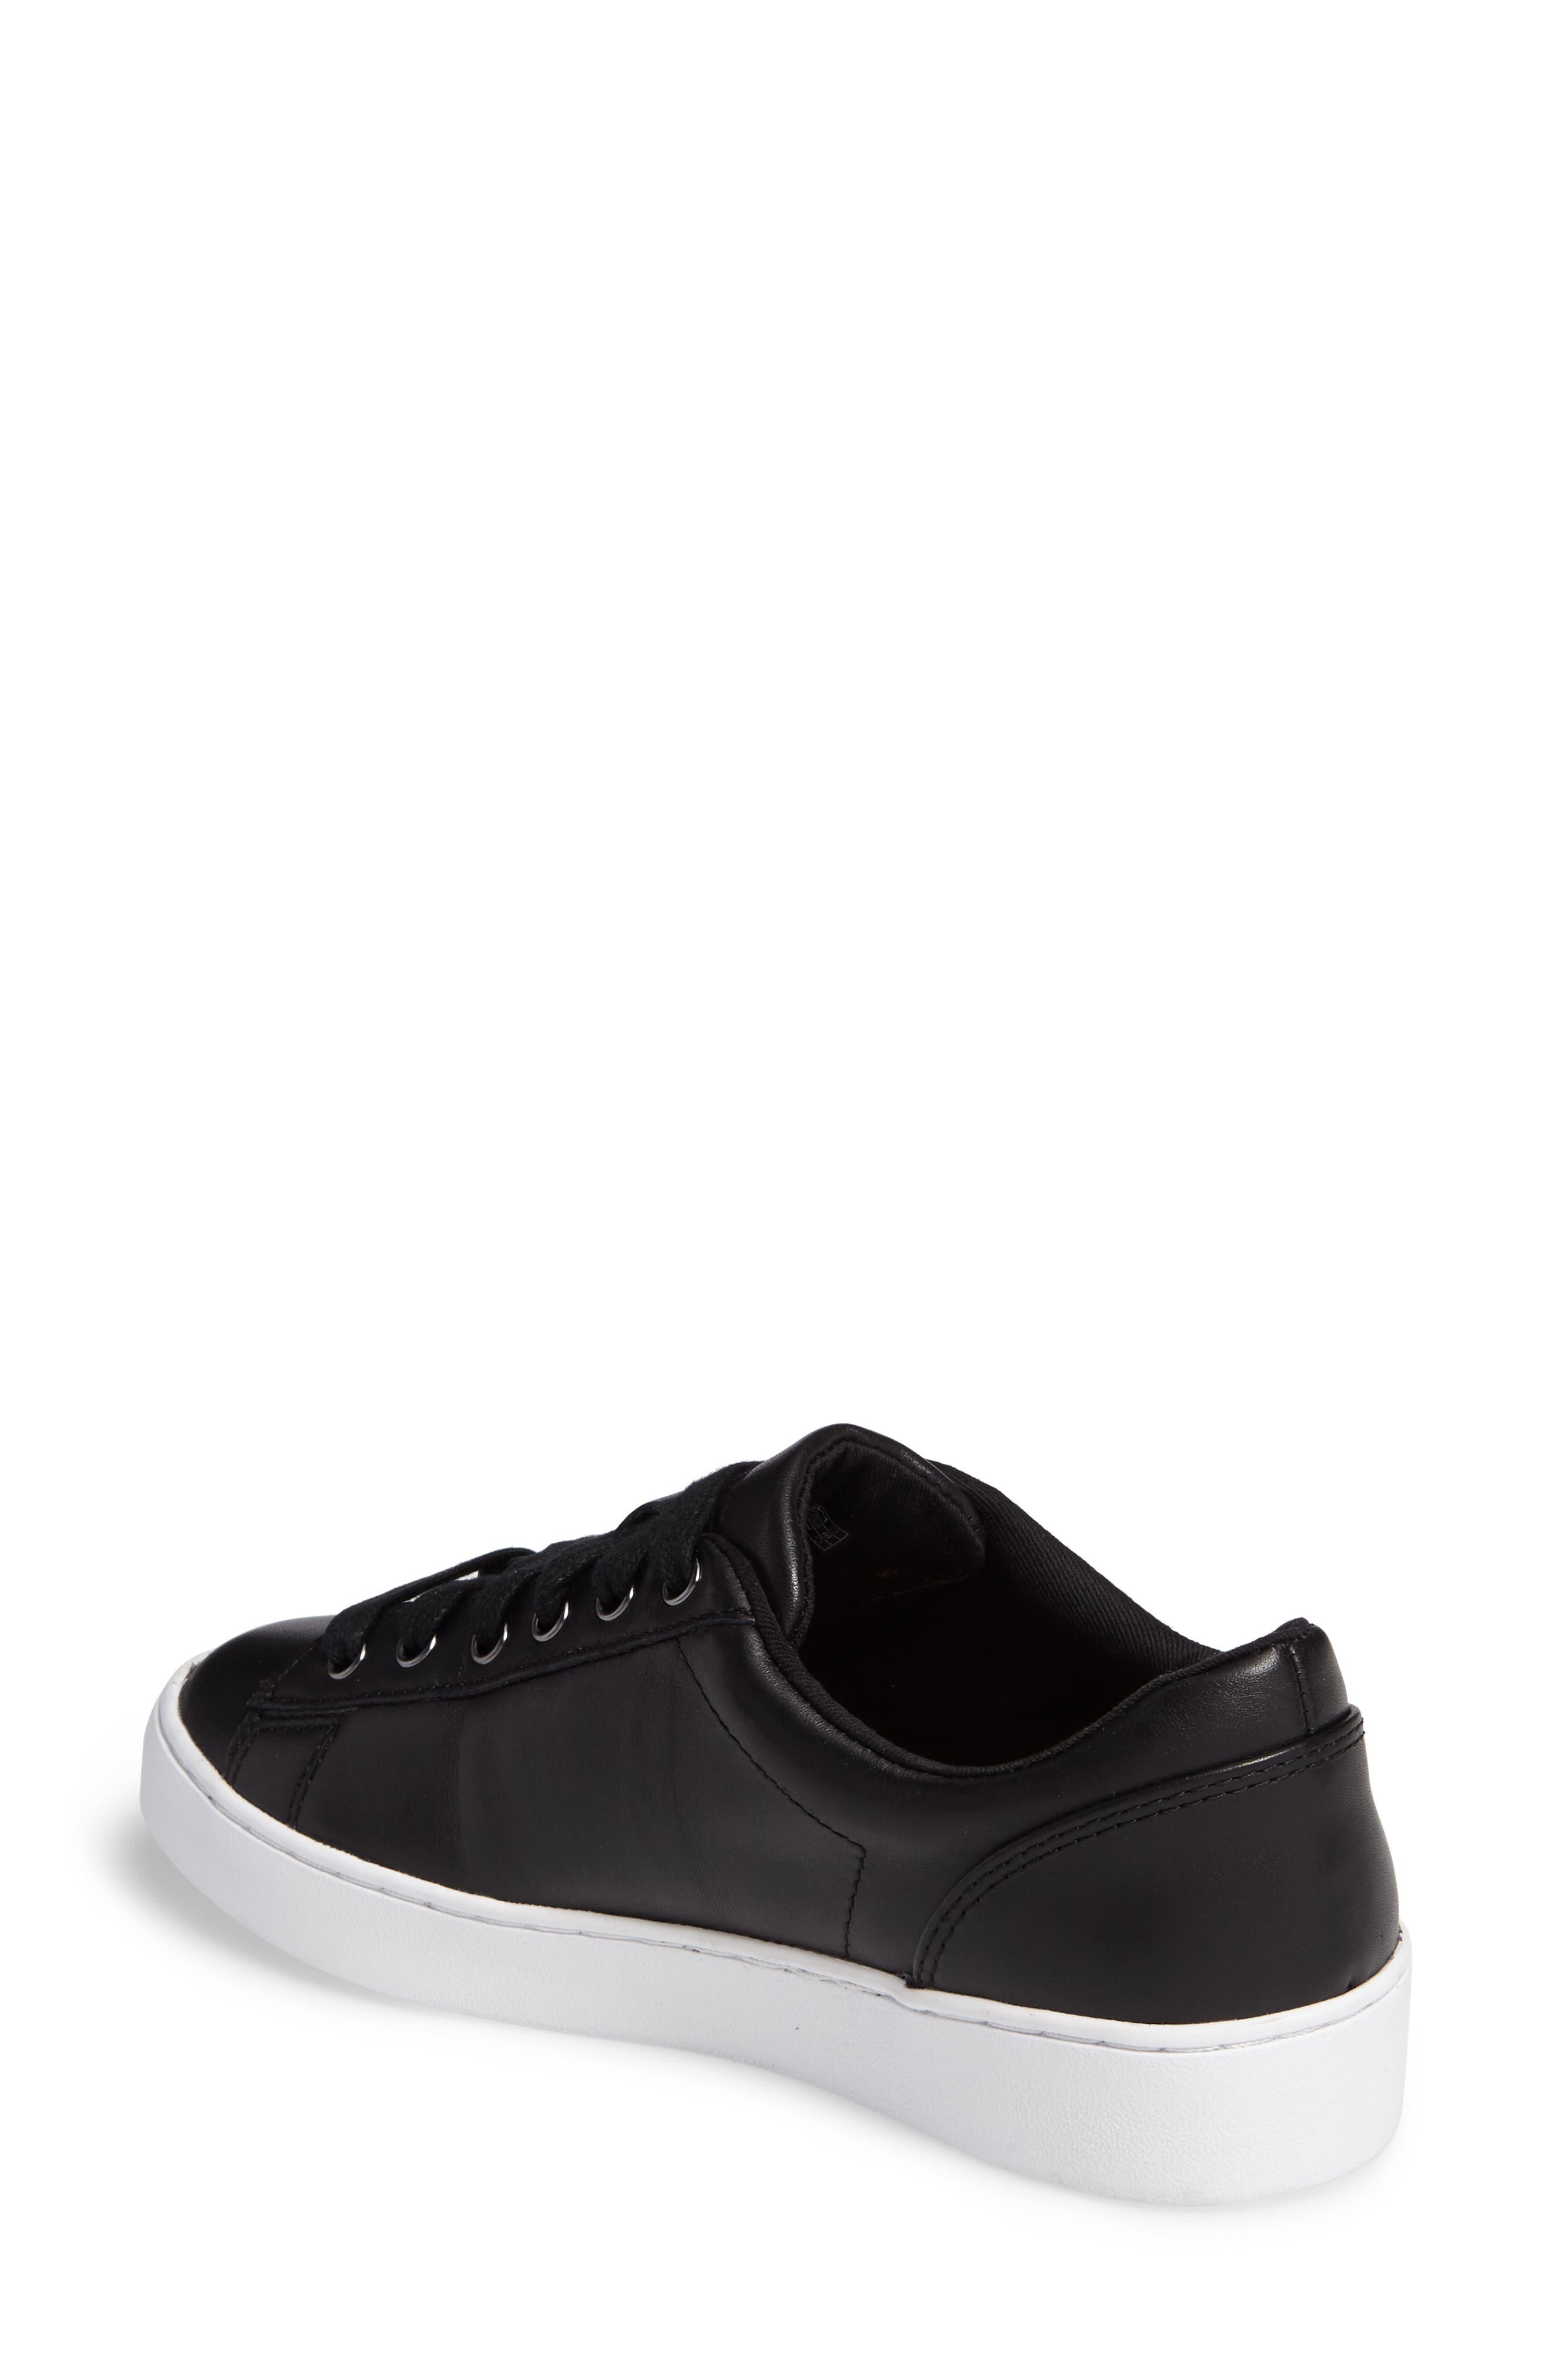 Splendid Syra Sneaker,                             Alternate thumbnail 2, color,                             Black Leather